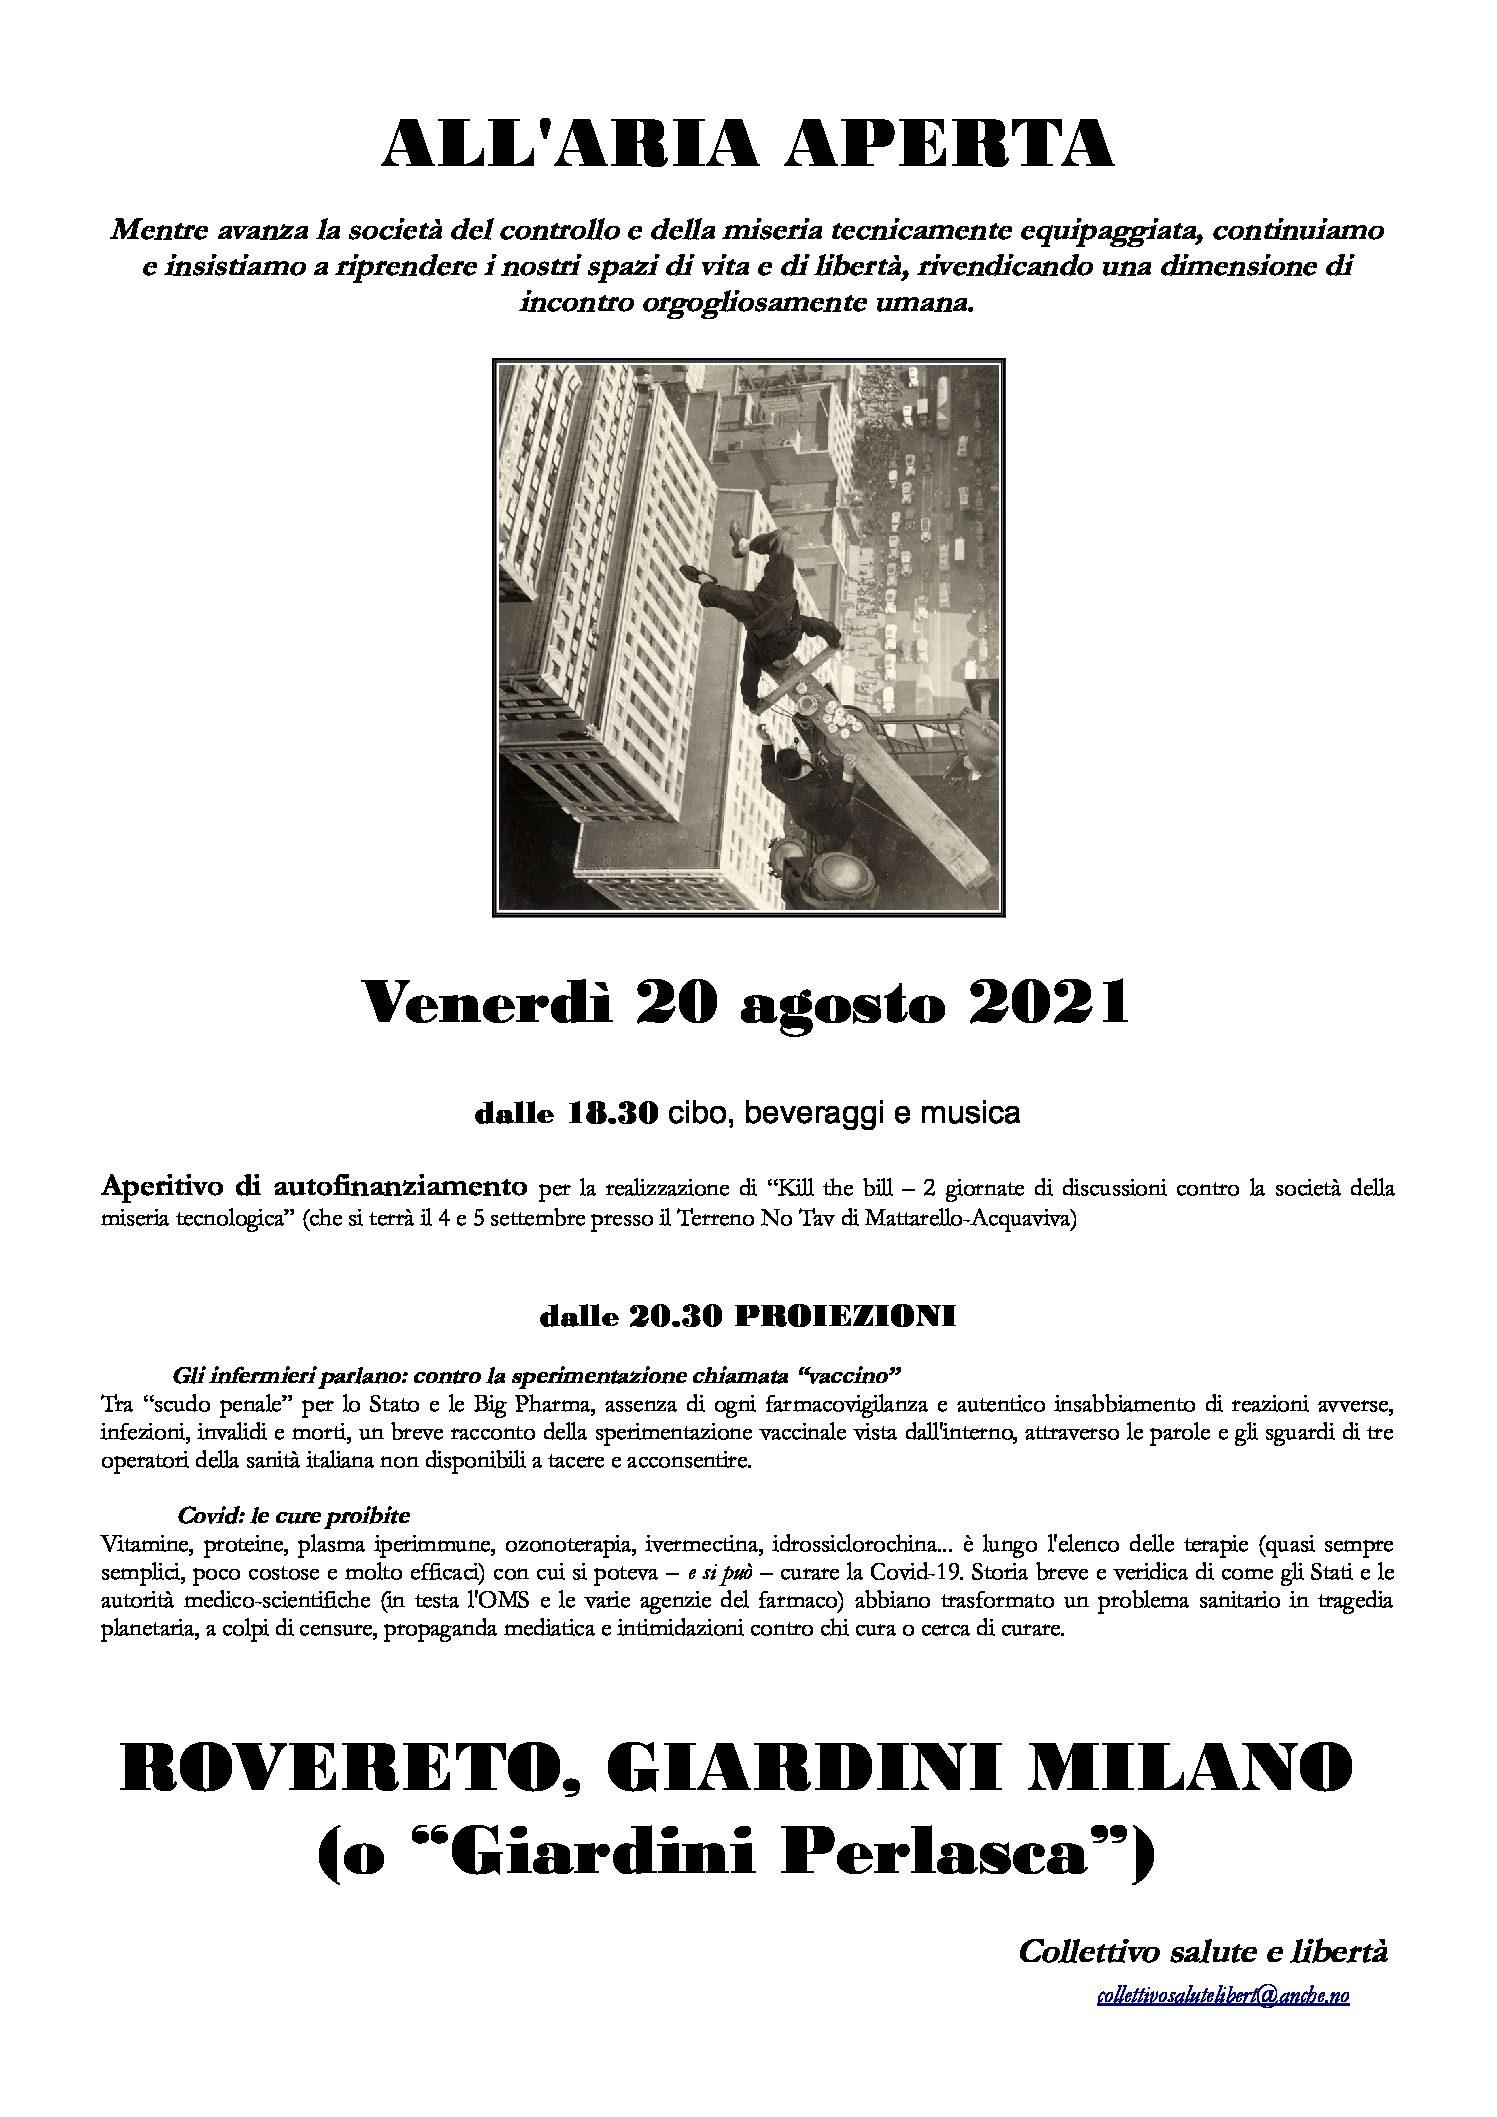 Rovereto: All'aria aperta. Aperitivo e proiezioni contro lo Stato d'Emergenza